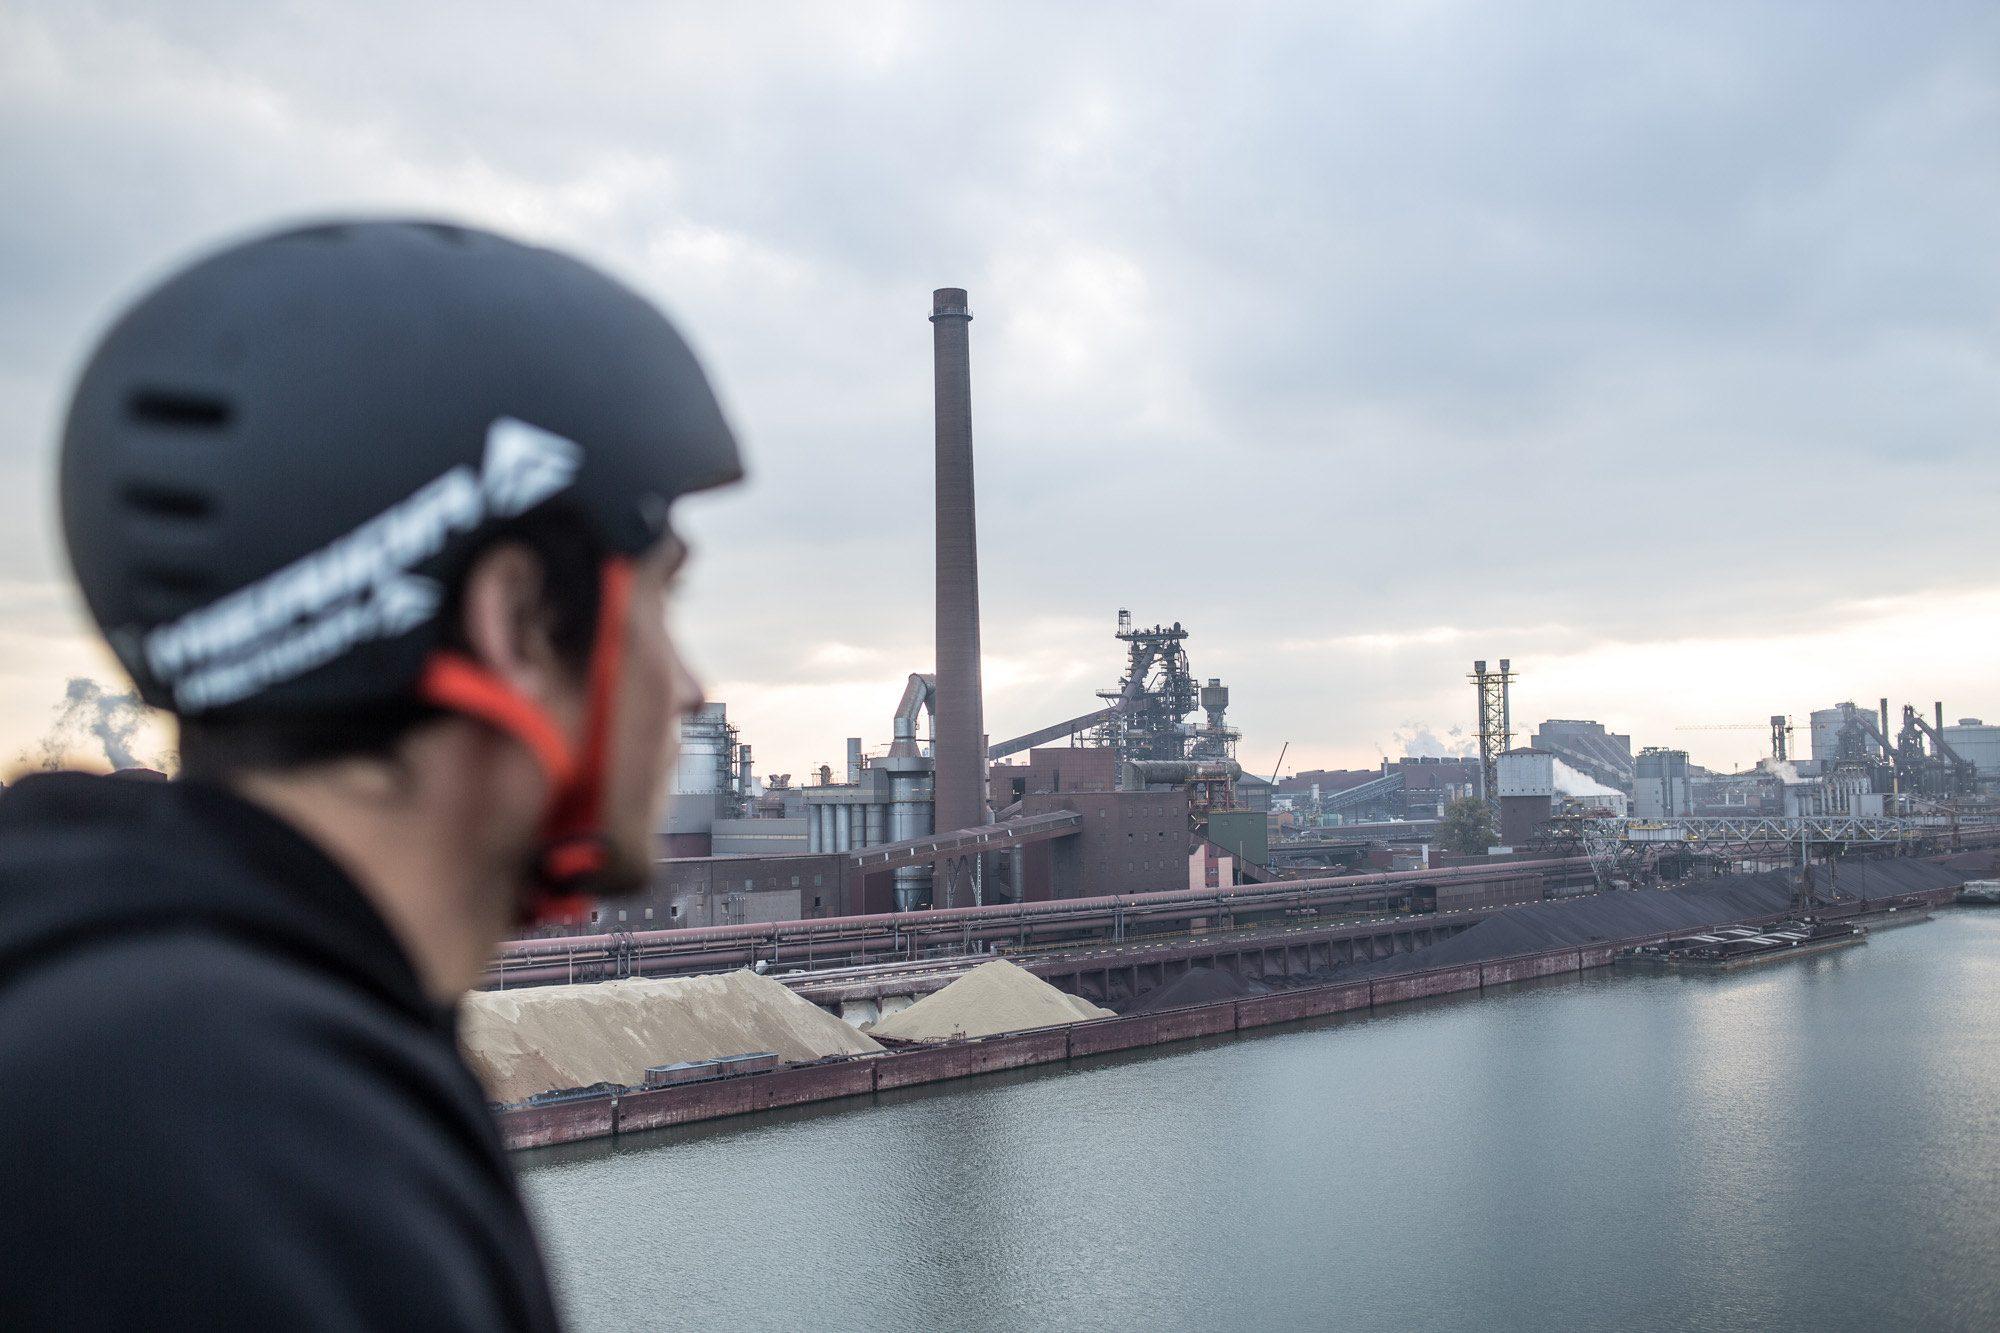 Dominik Raab befindet sich im Hafen der Voestalpine Linz